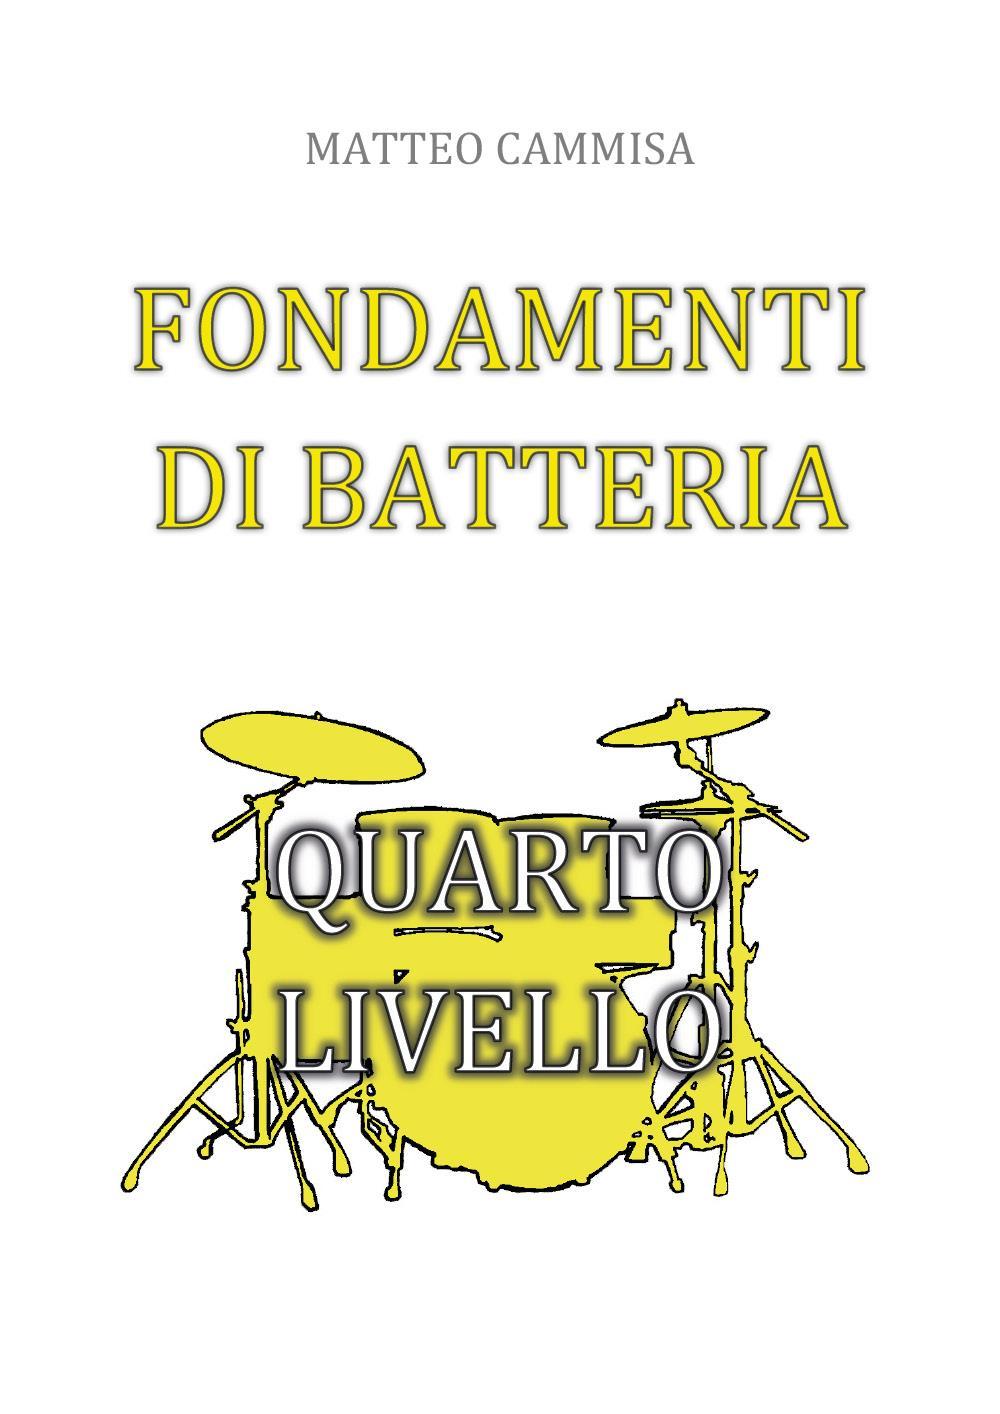 Fondamenti di batteria - quarto livello